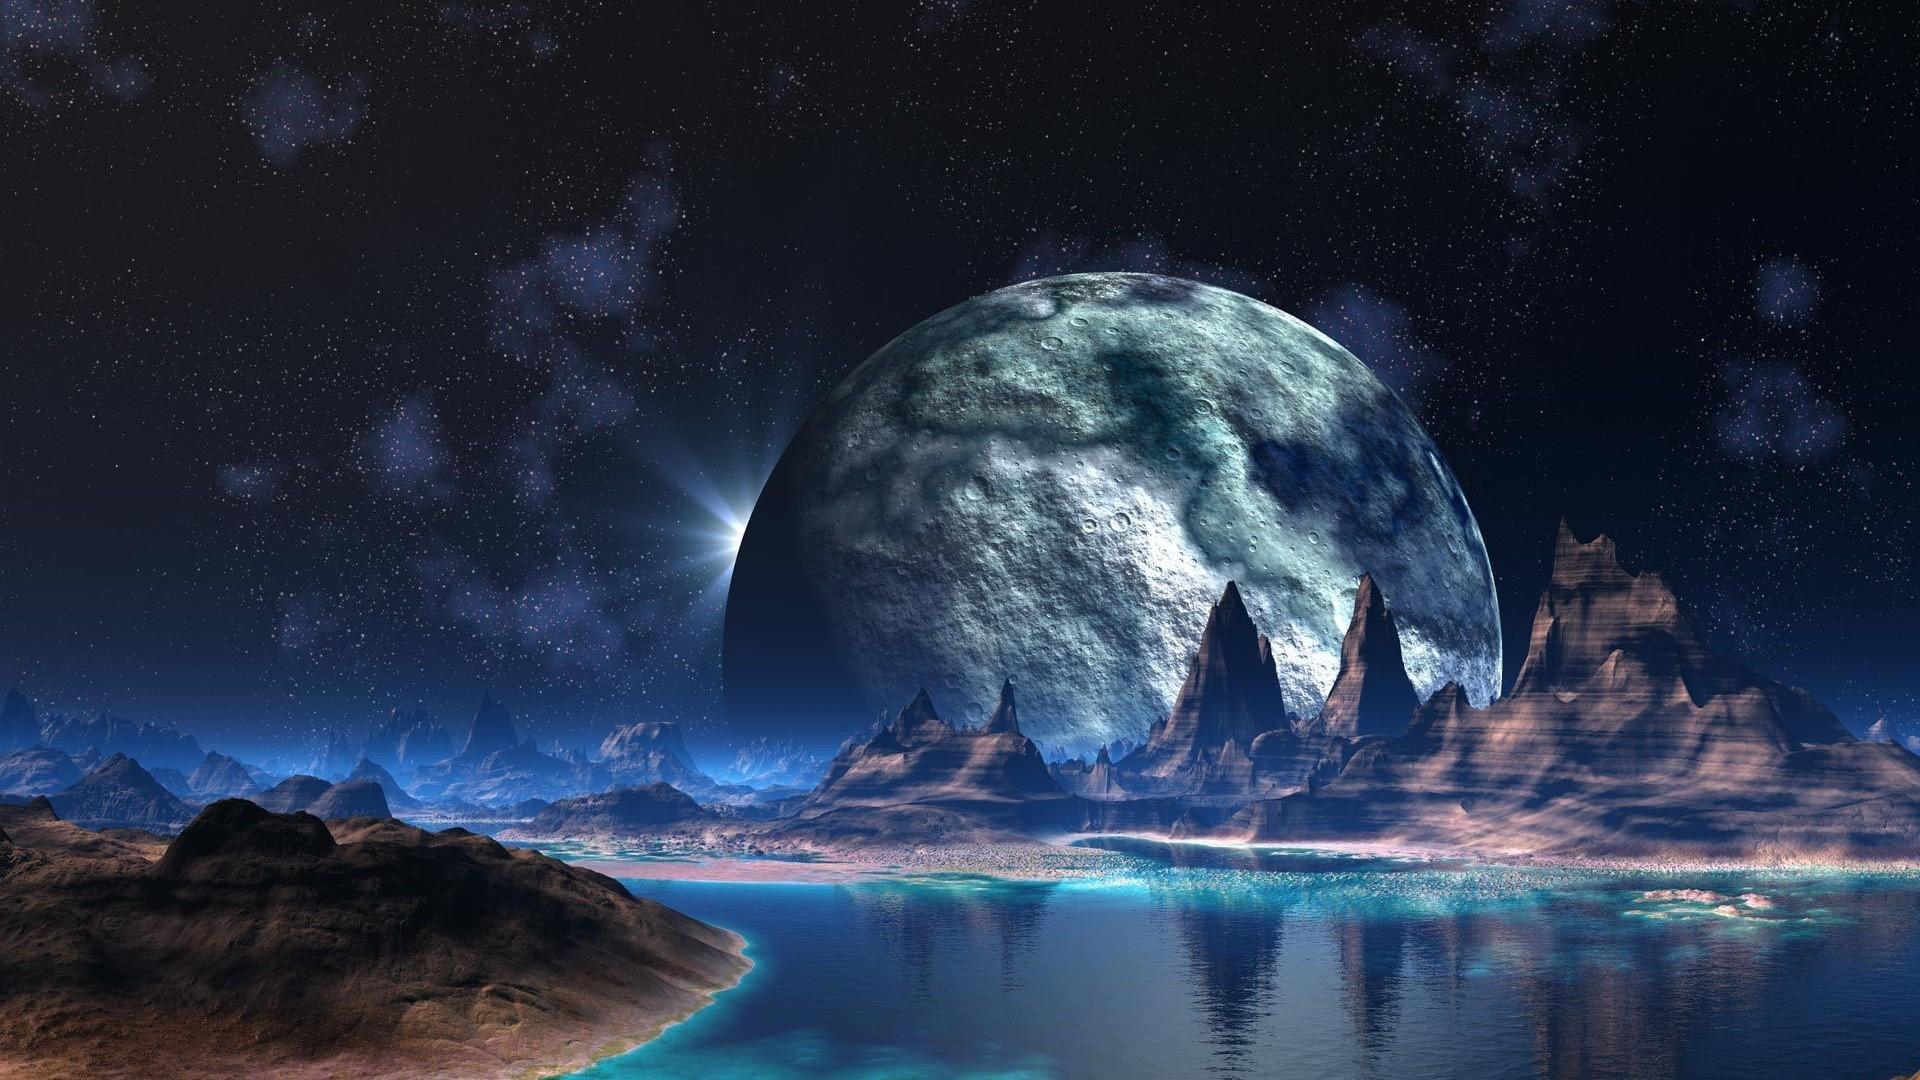 Alien World 3D Wallpaper   HQ Wallpapers download 100 high 1920x1080